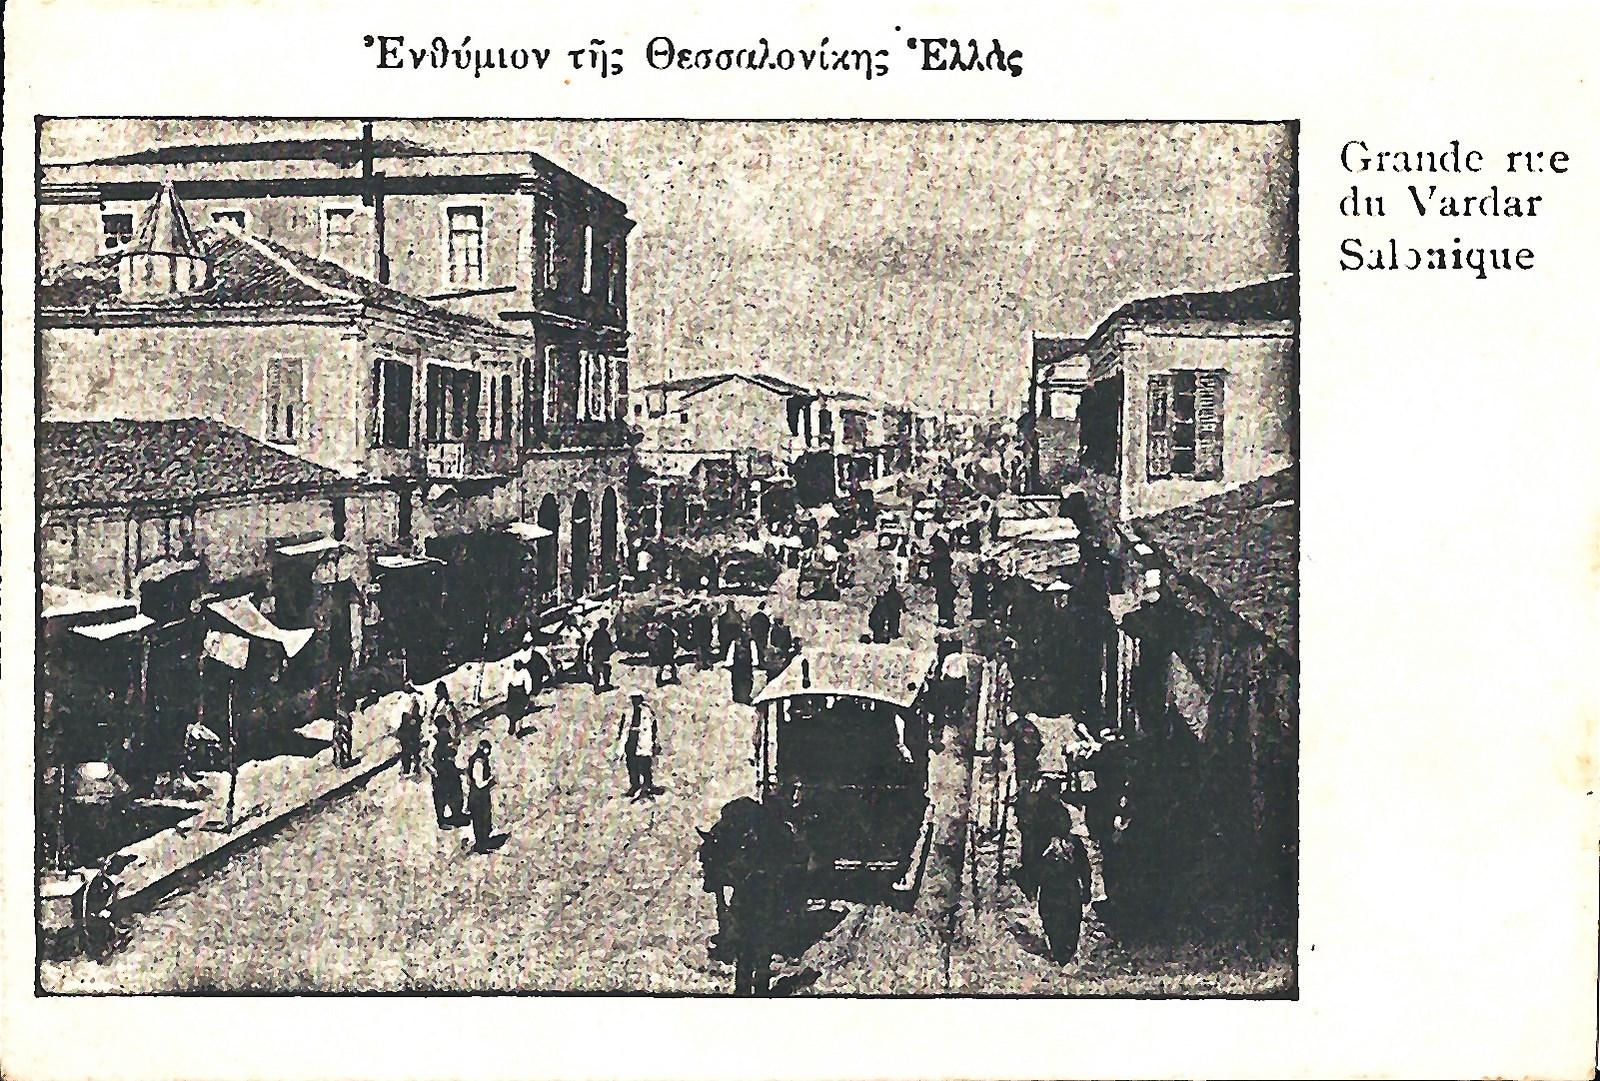 site de rencontre de Thessalonique